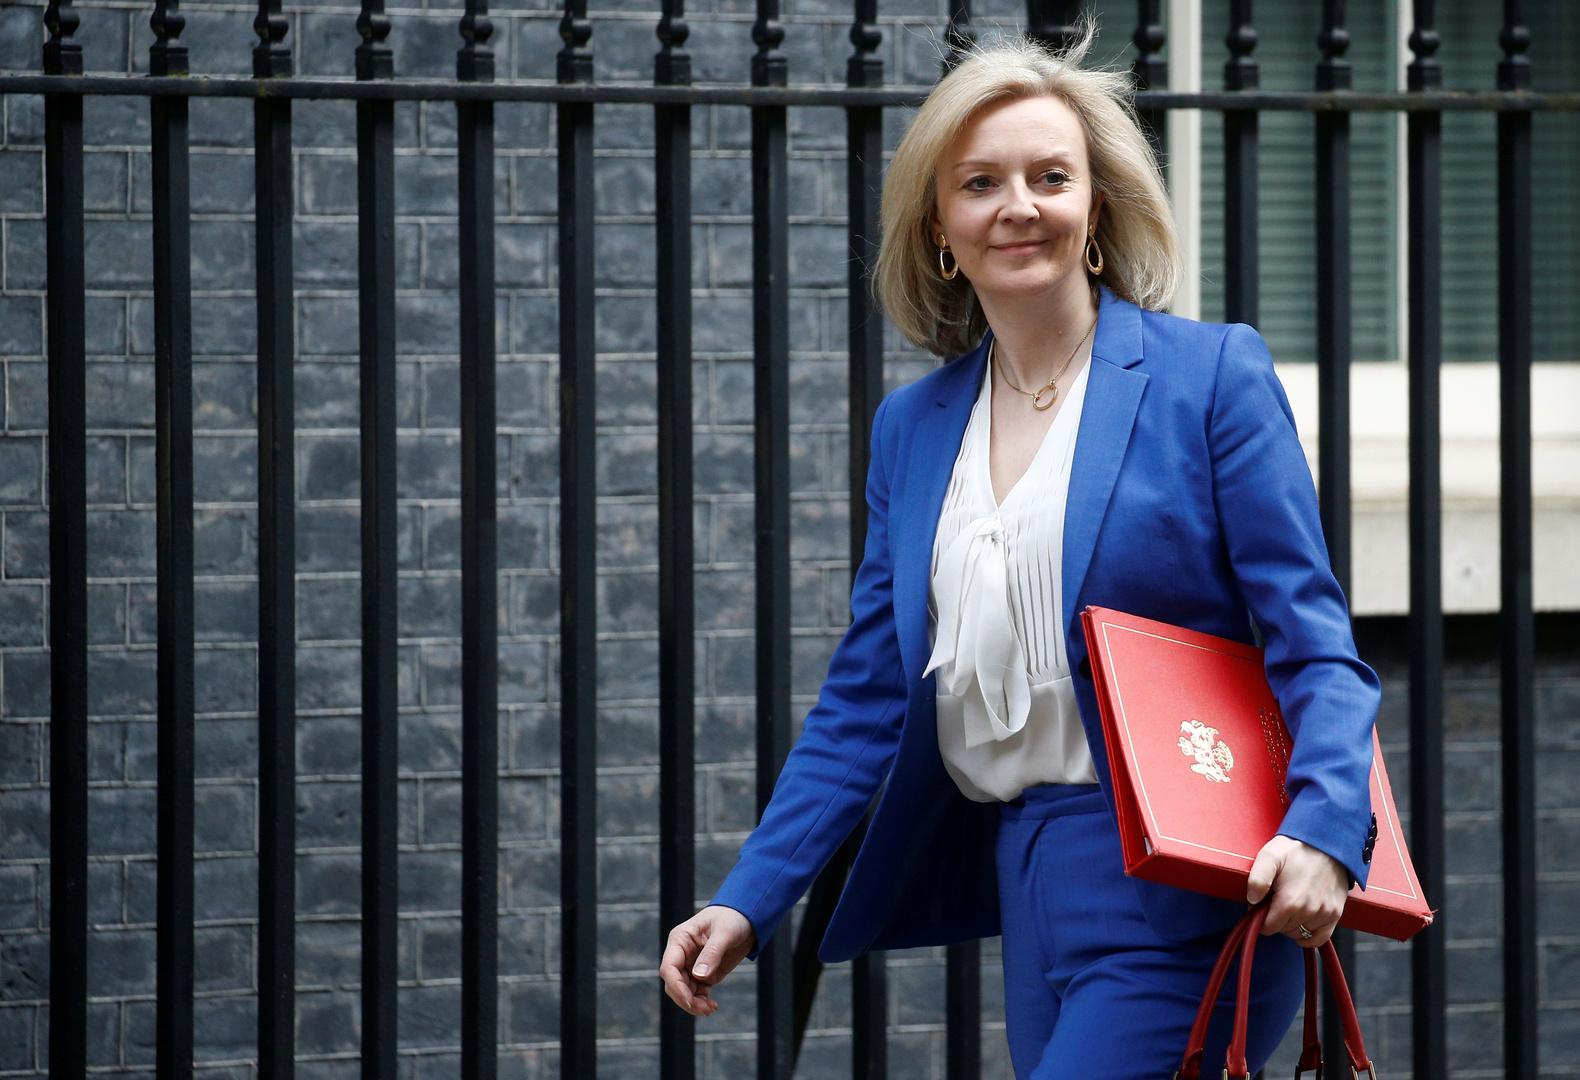 وزيرة التجارة البريطانية إلى واشنطن لبحث اتفاقية التجارة الحرة